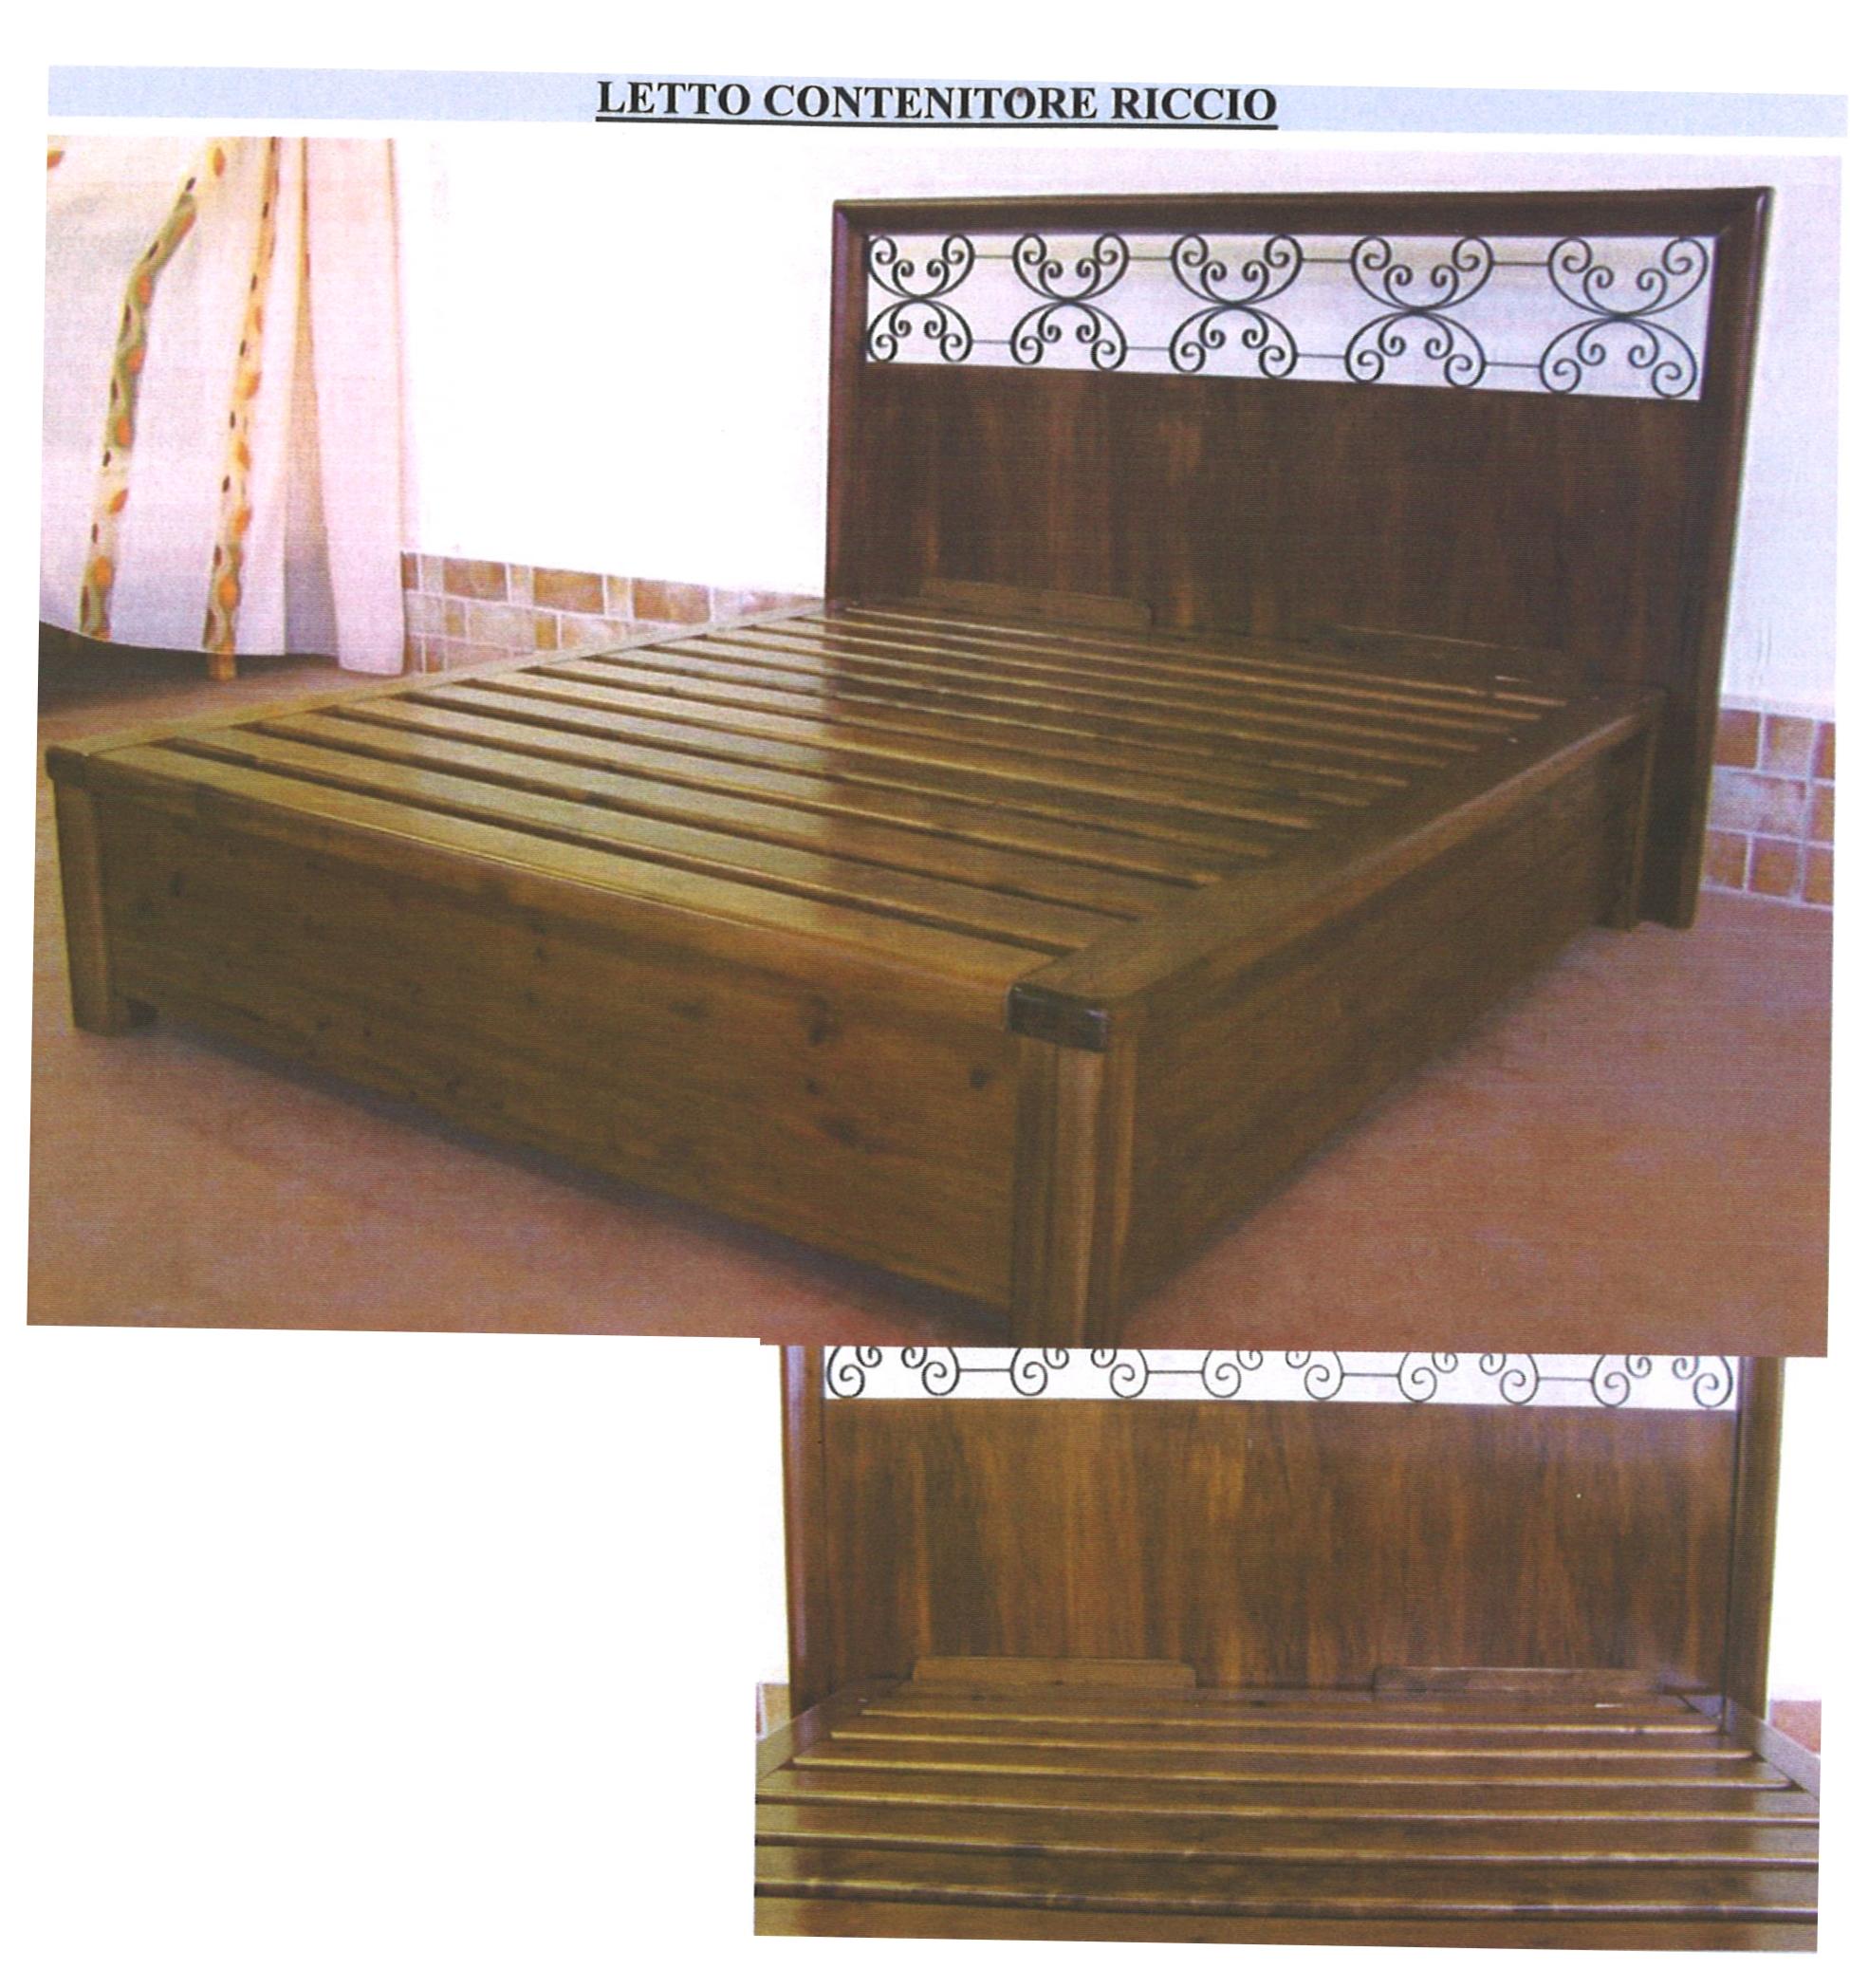 ... molle 16 24 molle reti con contenitore in legno massello sommier